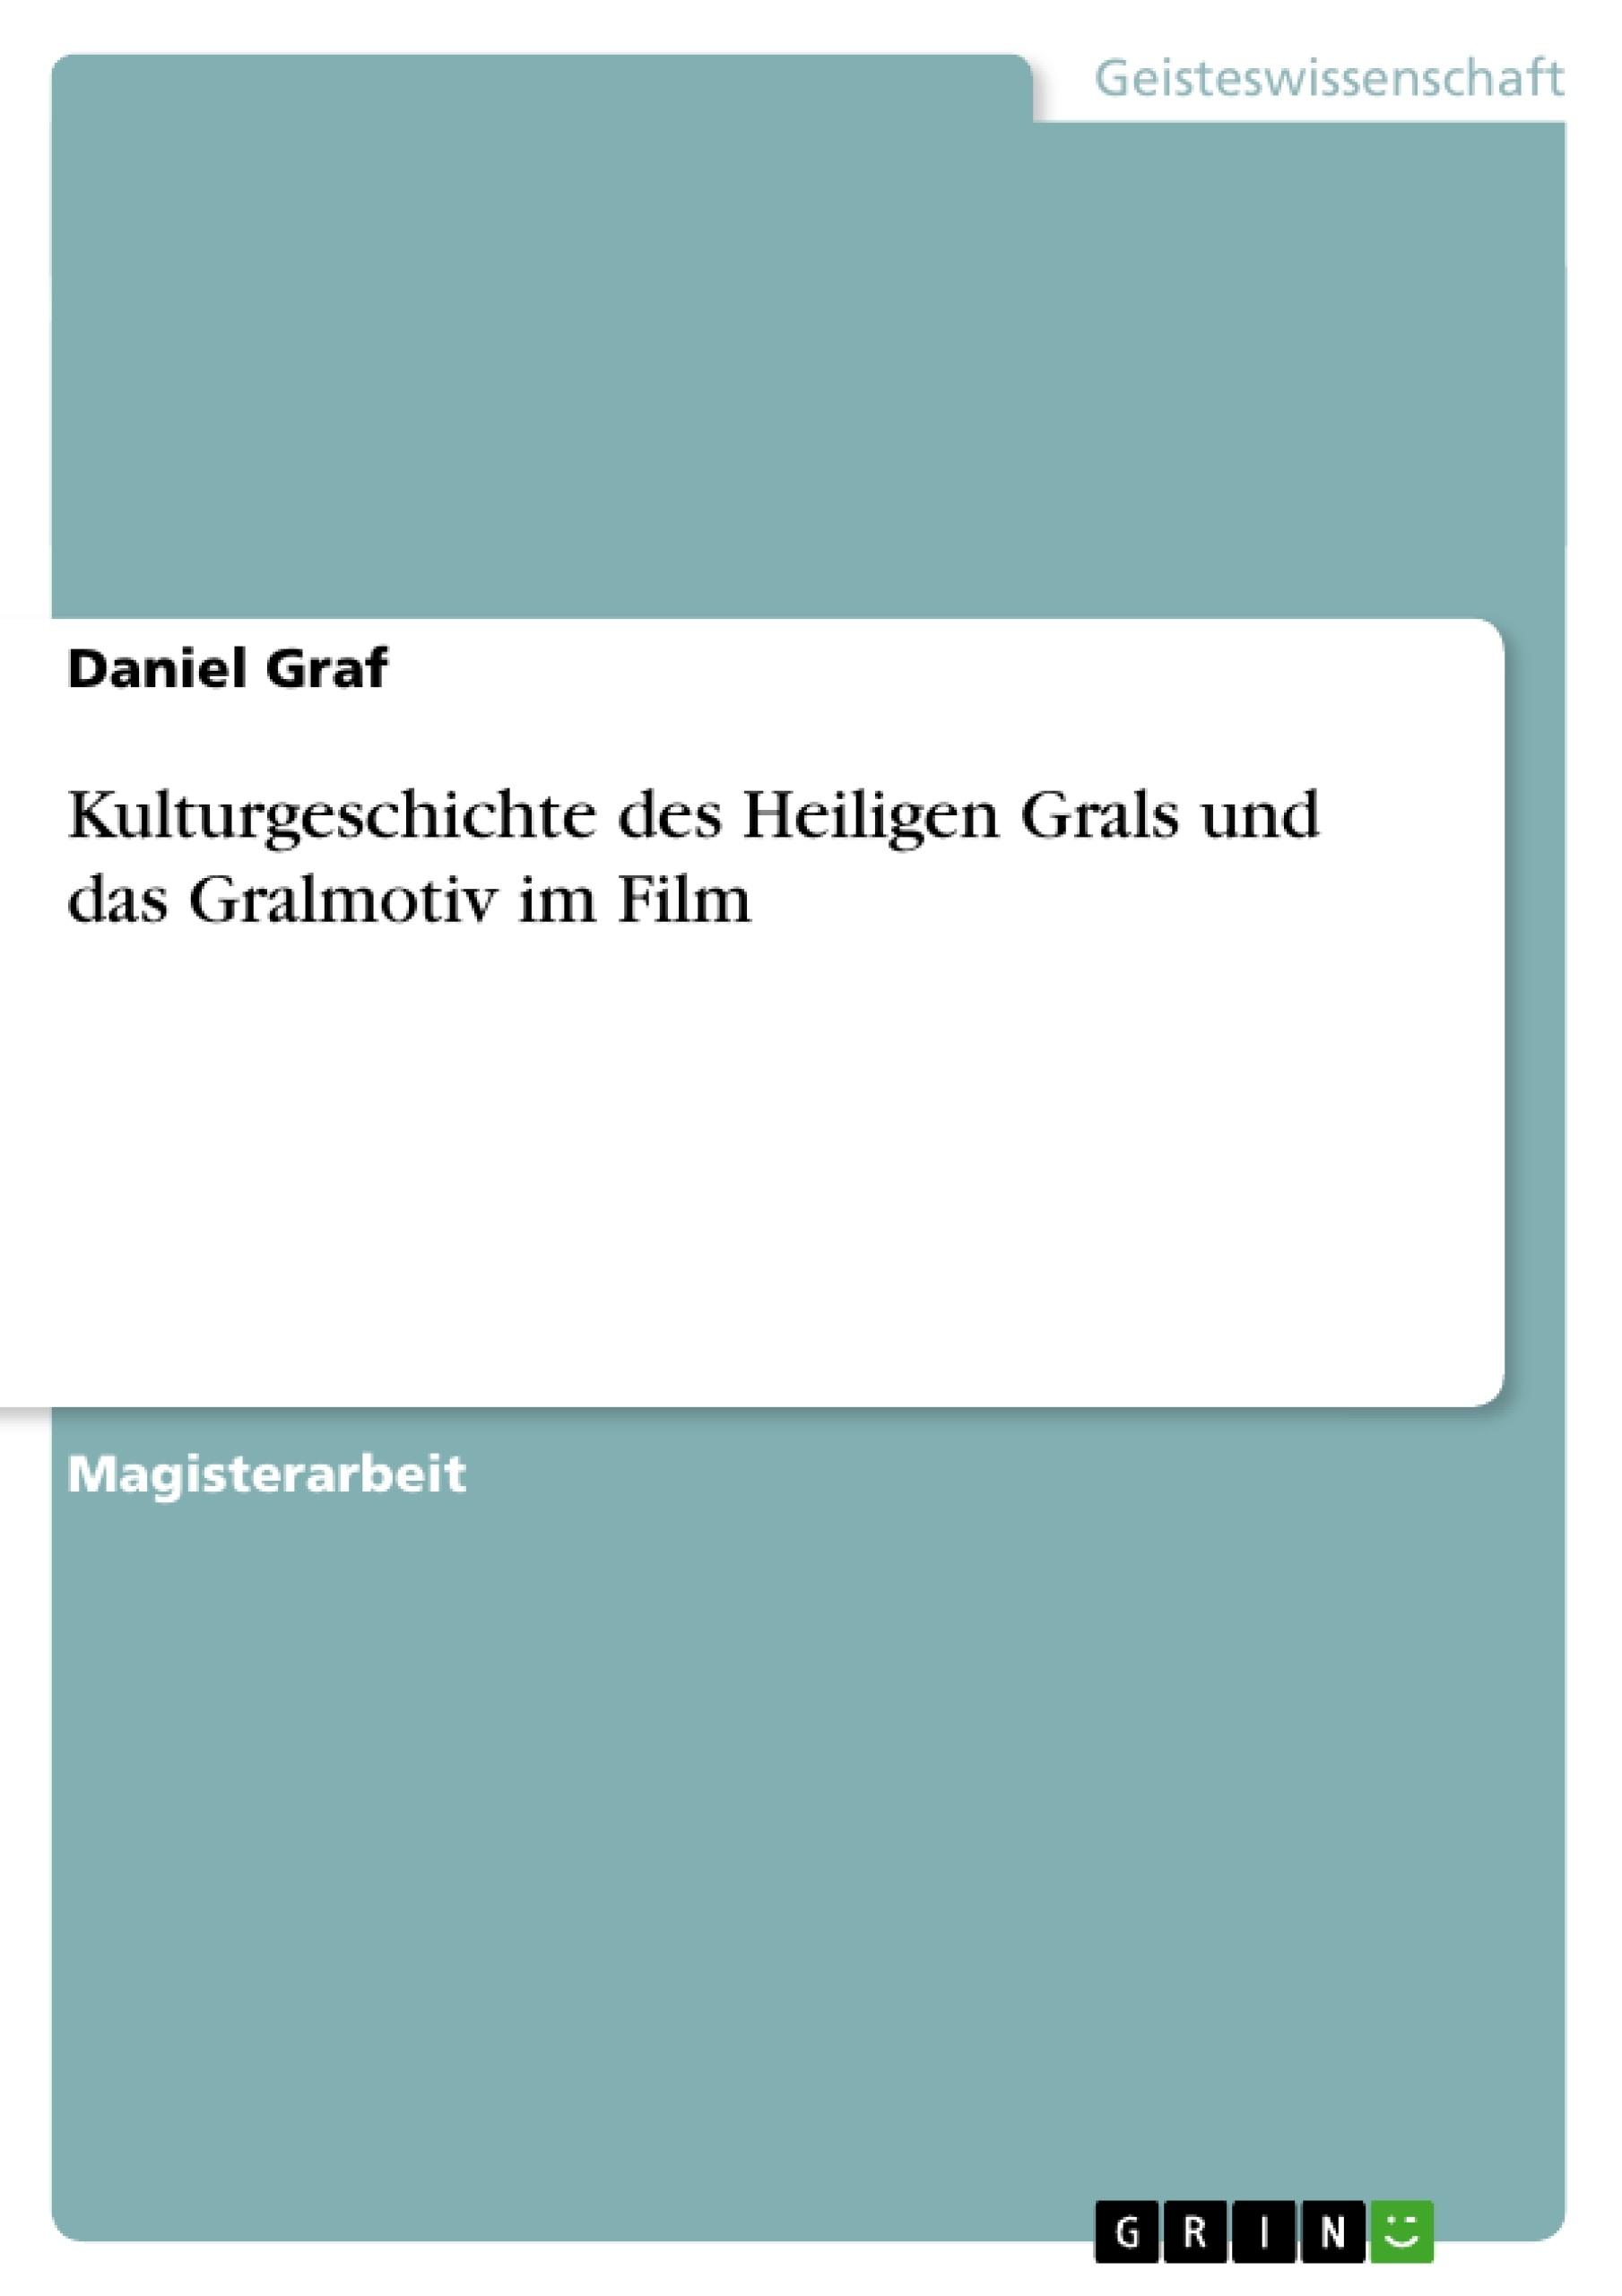 Titel: Kulturgeschichte des Heiligen Grals und das Gralmotiv im Film